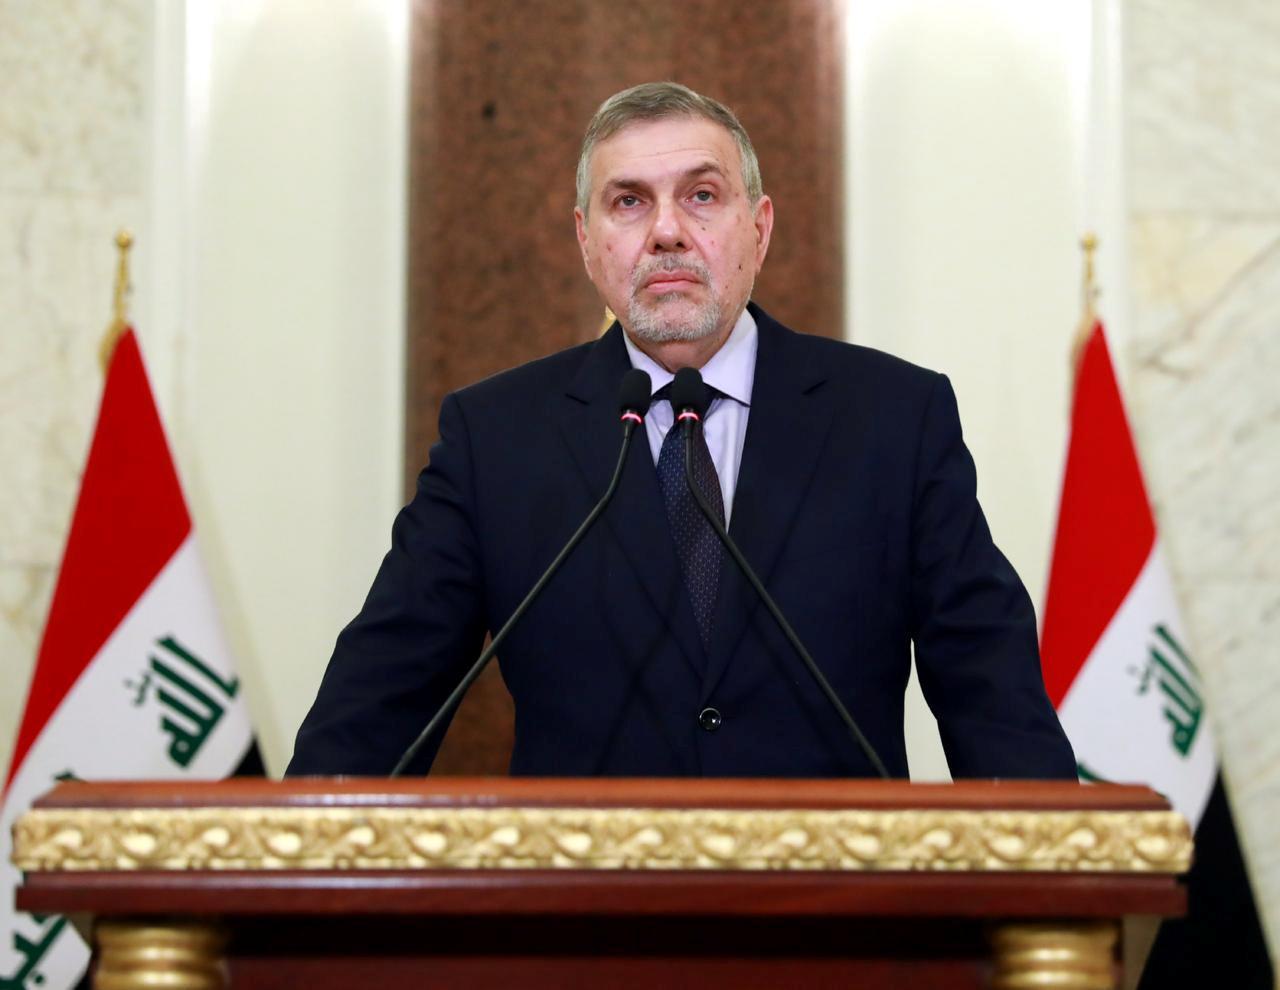 العراق.. واشنطن تحث علاوي على حل الخلافات مع الزعماء السُنة والكرد